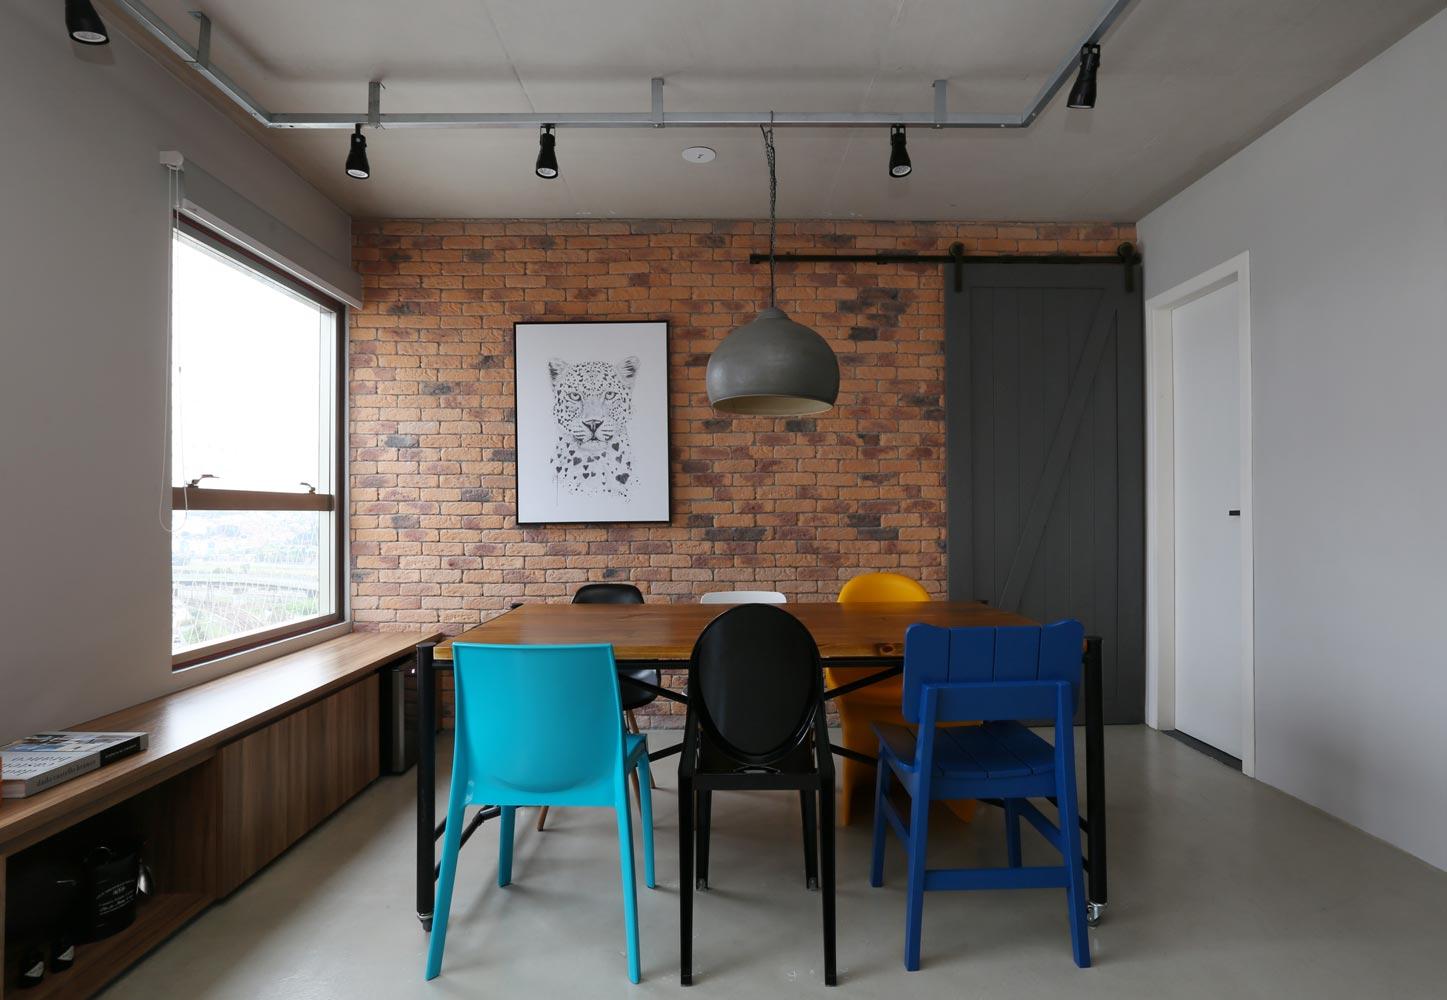 03b-apartamento-de-70-m2-com-estilo-industrial-e-marcenaria-bem-planejada